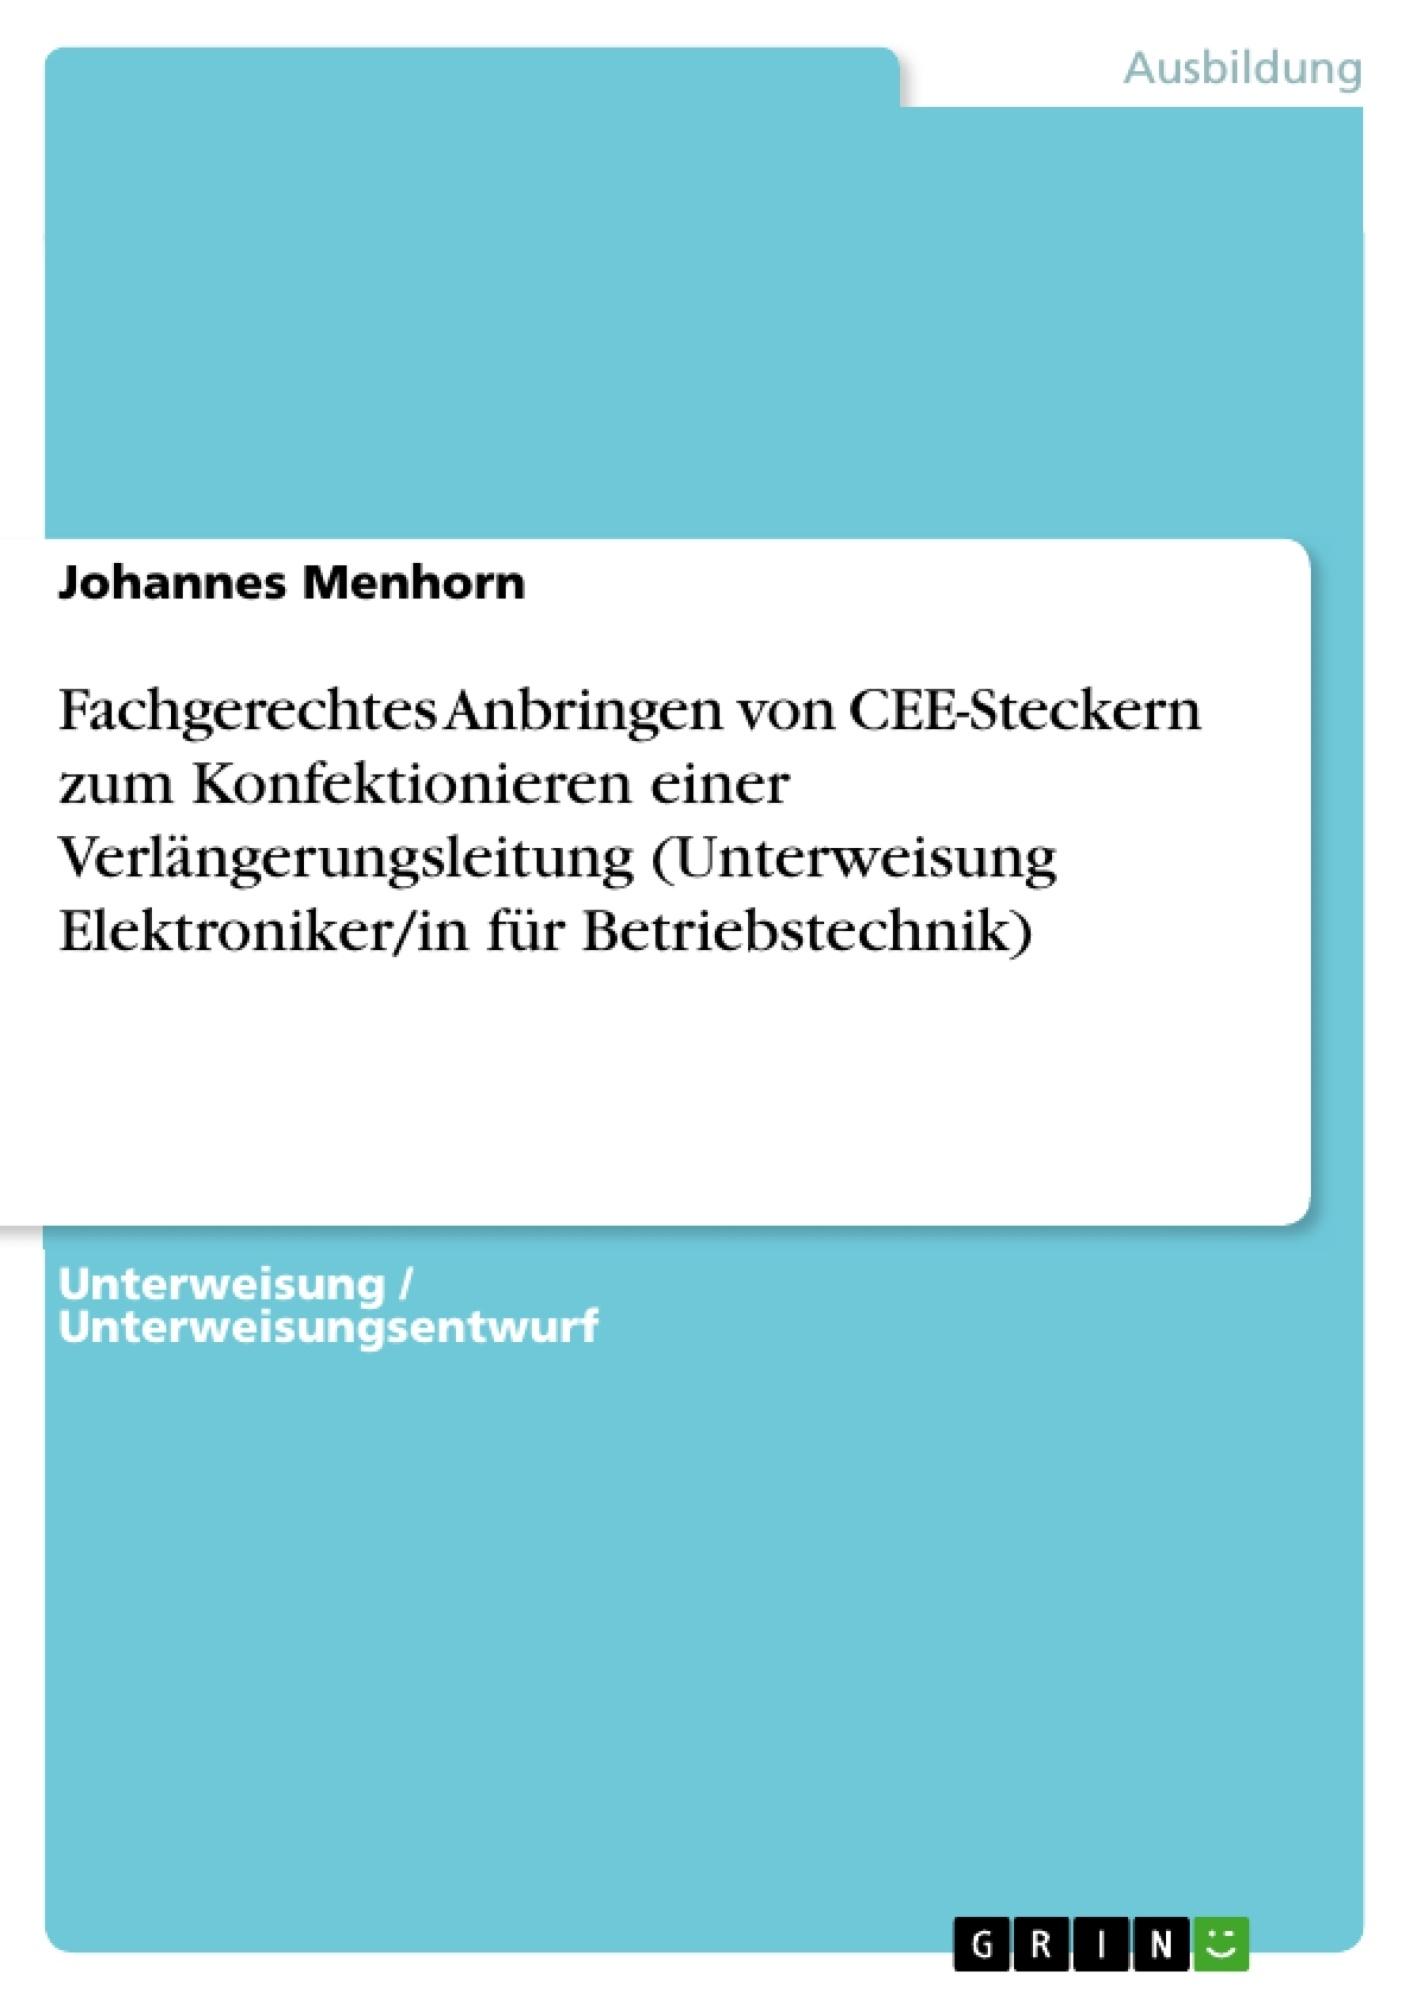 Titel: Fachgerechtes Anbringen von CEE-Steckern zum Konfektionieren einer Verlängerungsleitung (Unterweisung Elektroniker/in für Betriebstechnik)